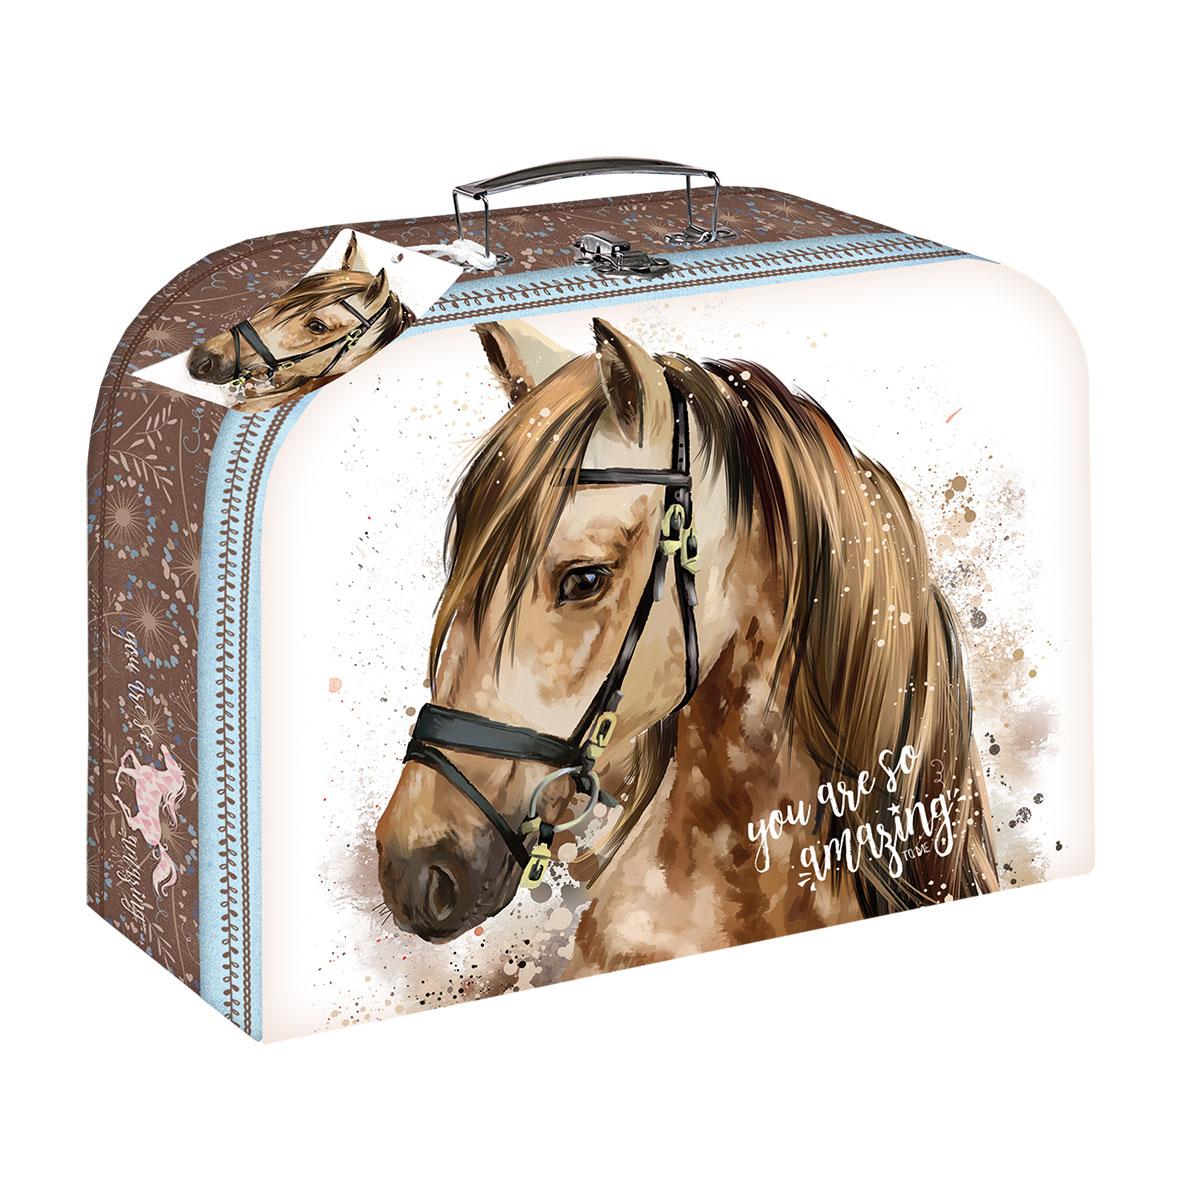 Spielekoffer - Pferdemotiv